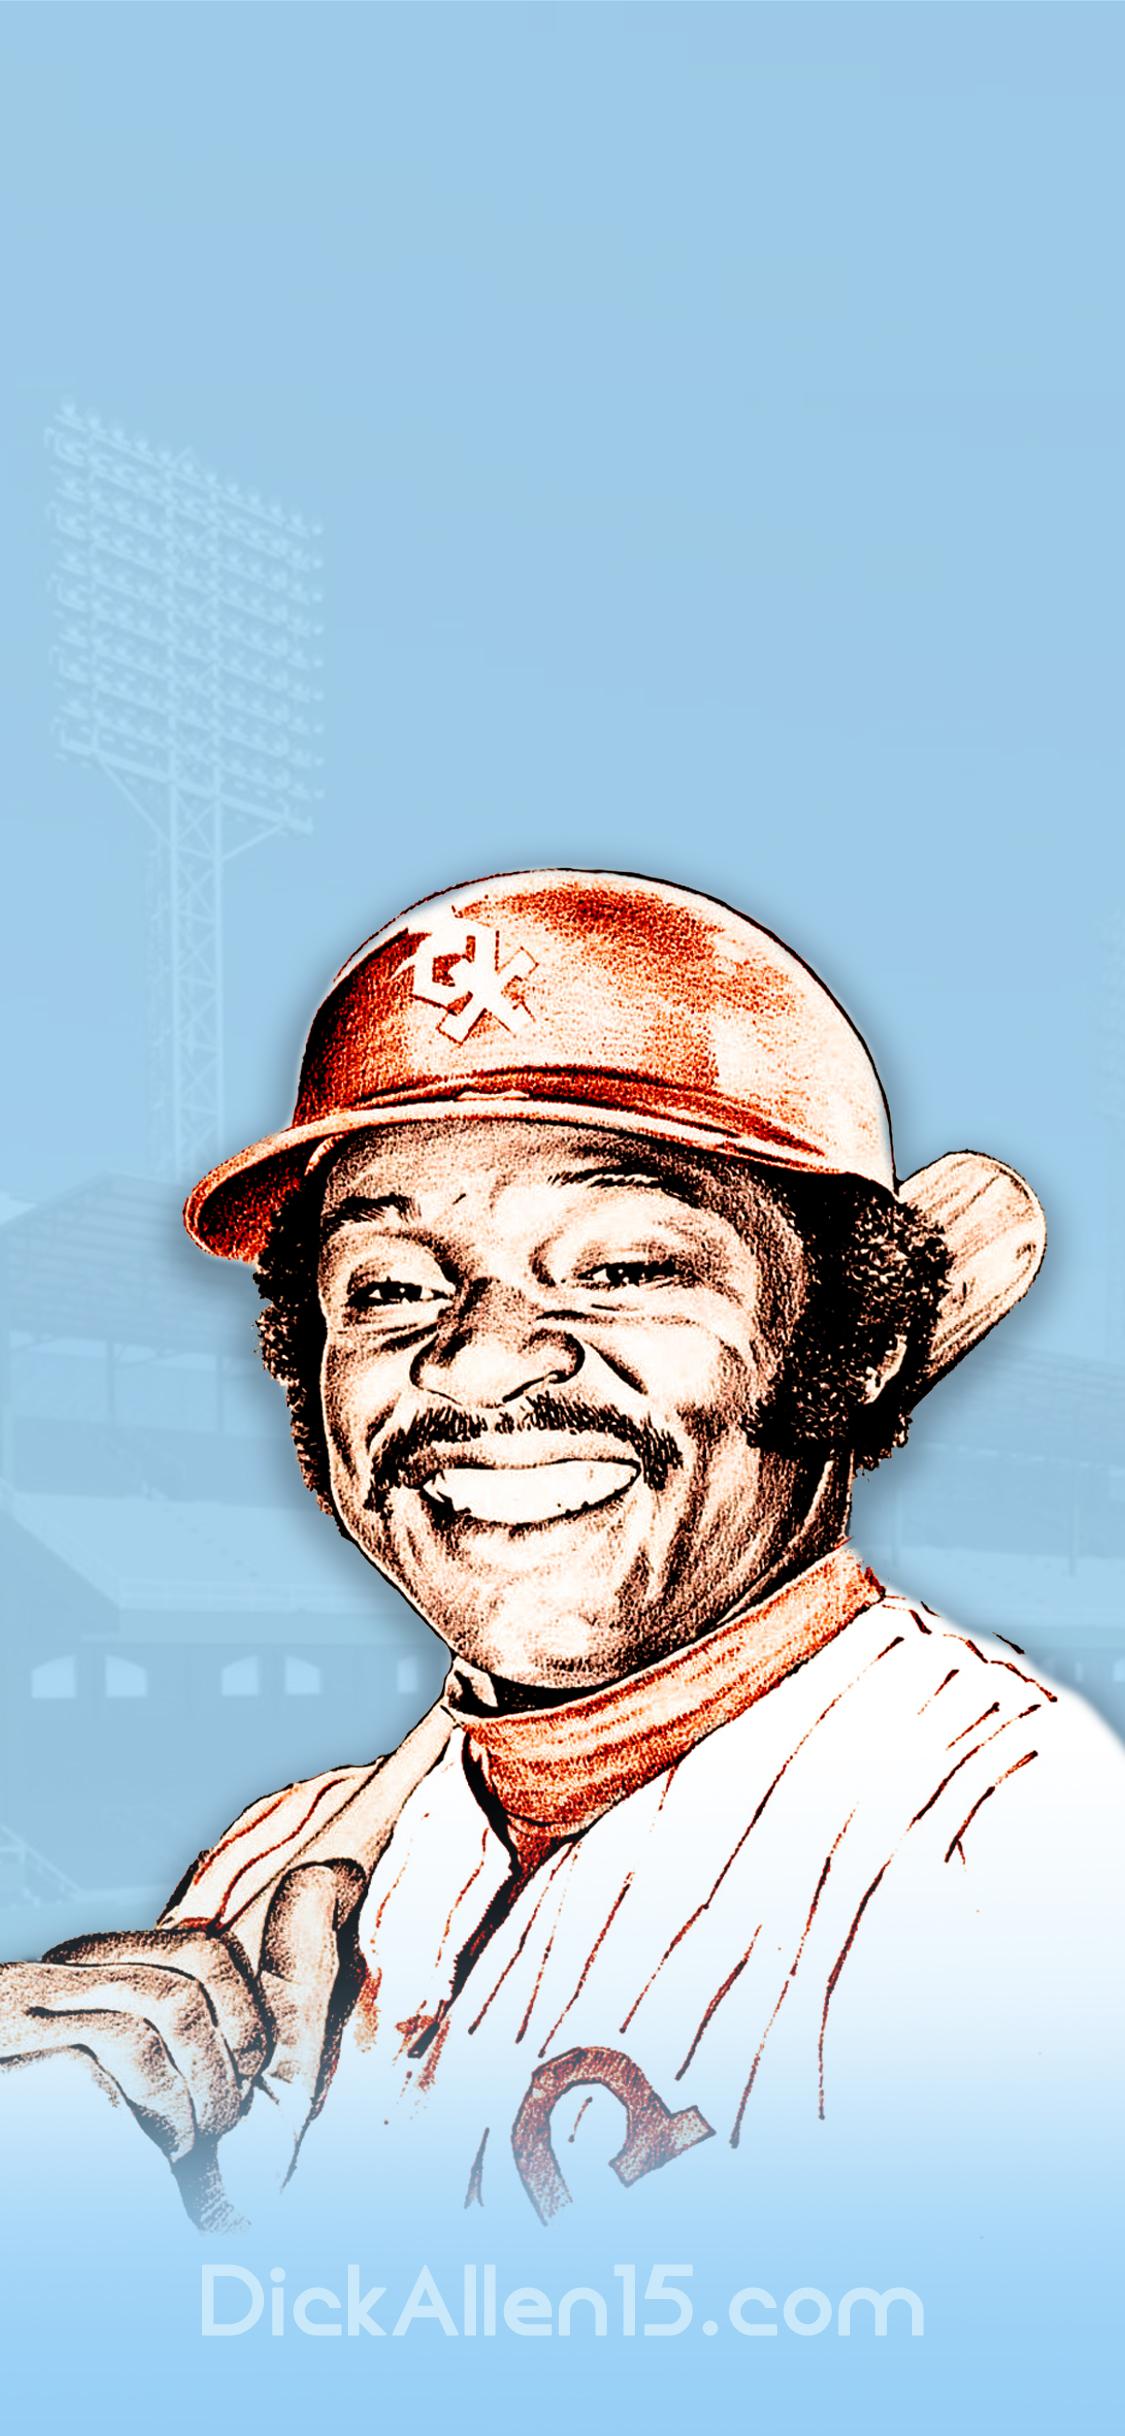 Wallpaper Wednesday: 1972 MVP   DickAllen15.com